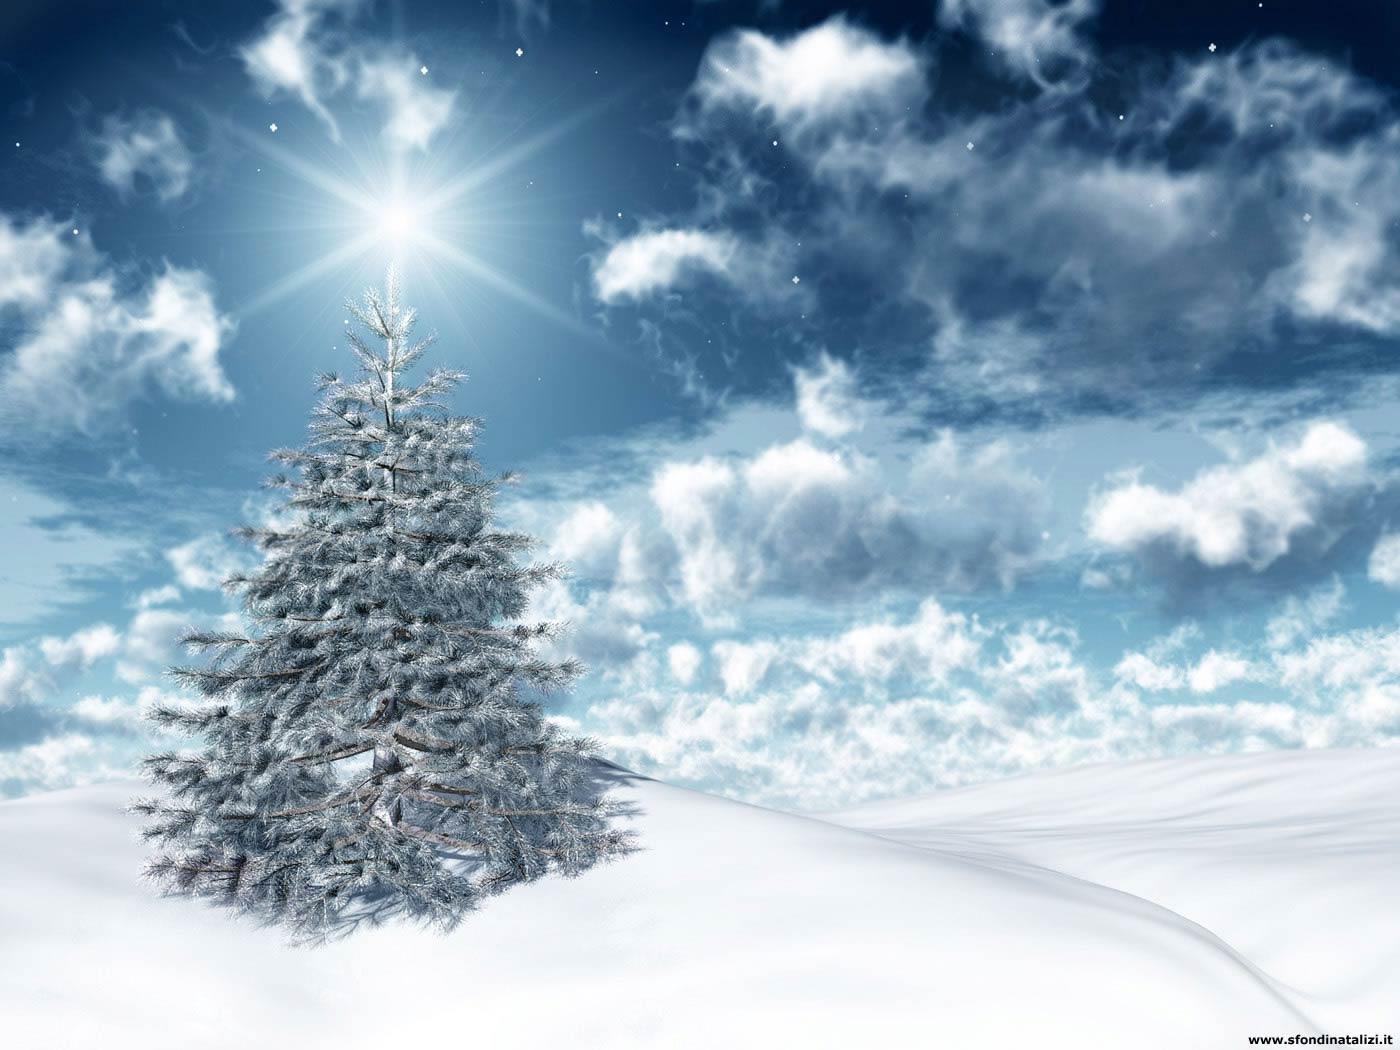 Immagini Di Natale Desktop.Sfondo Desktop Natale Sfondi Desktop Albero Di Natale